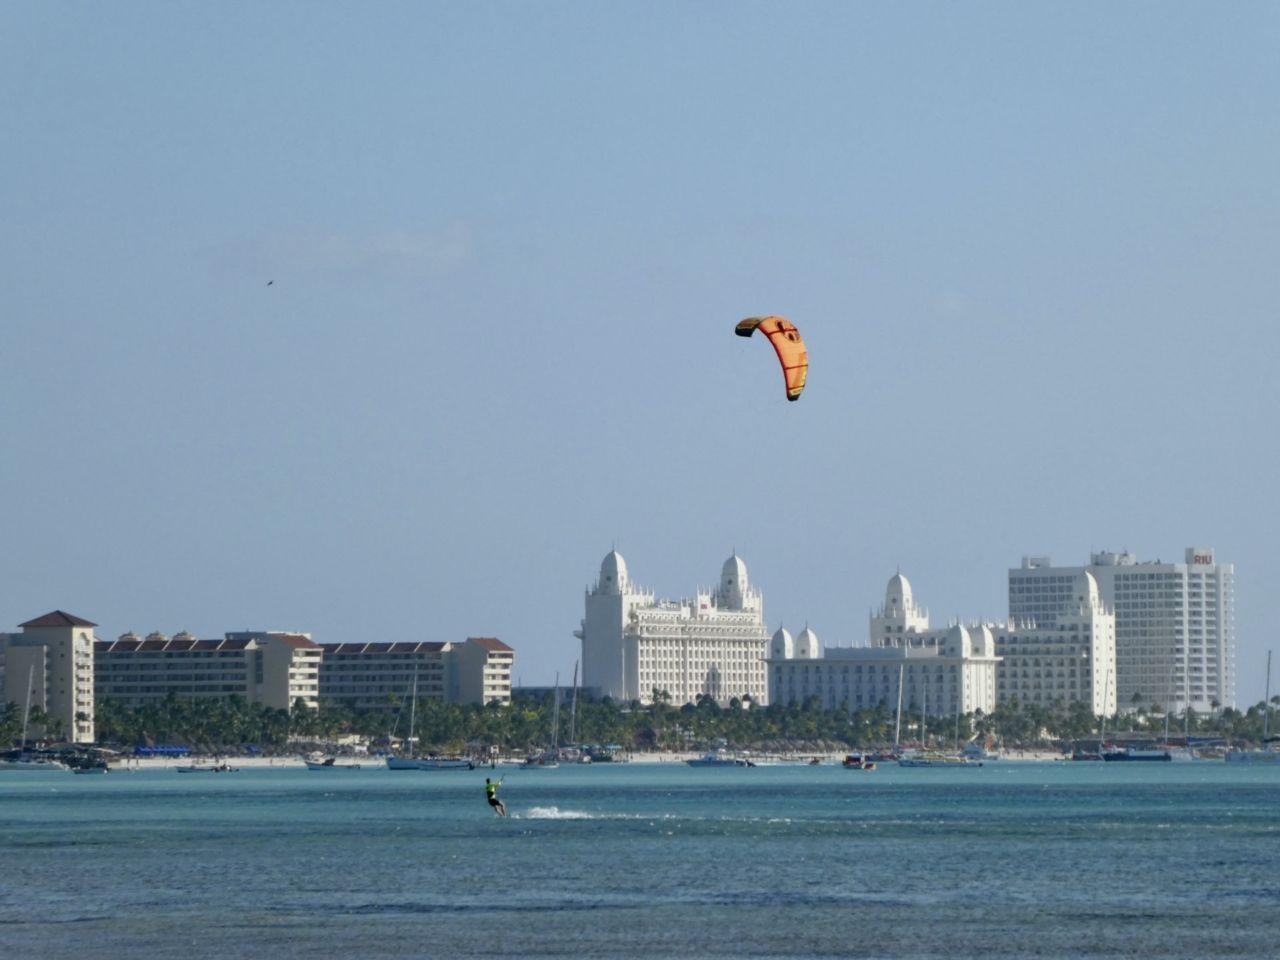 Ein Kitesurfer im Meer mit blauem Himmel und Hotels im Hintergrund